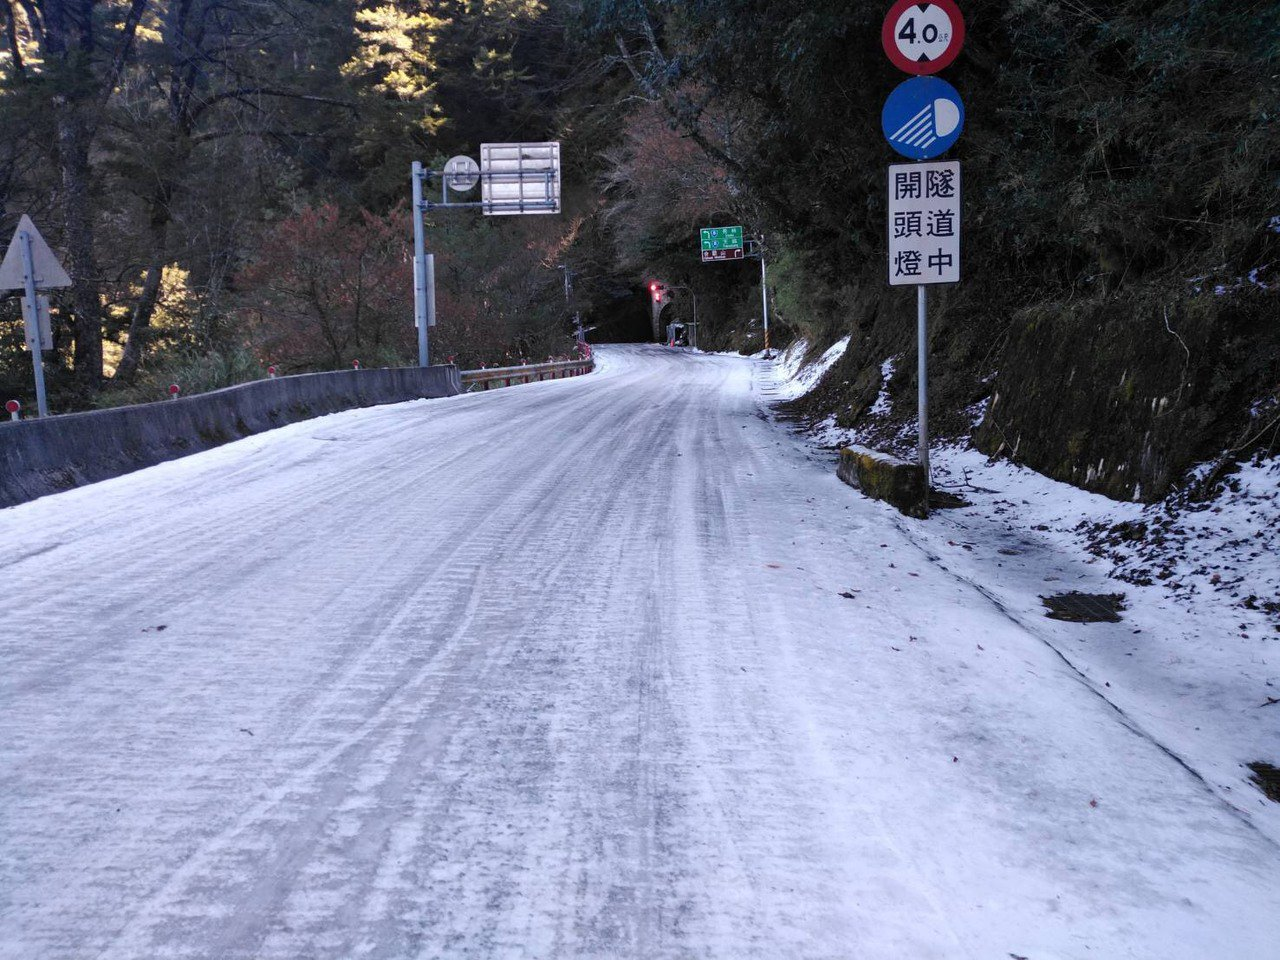 台8線大禹嶺路段合歡山隧道西口仍有500公尺結冰,夜間行駛風險很高。圖/谷關工務...